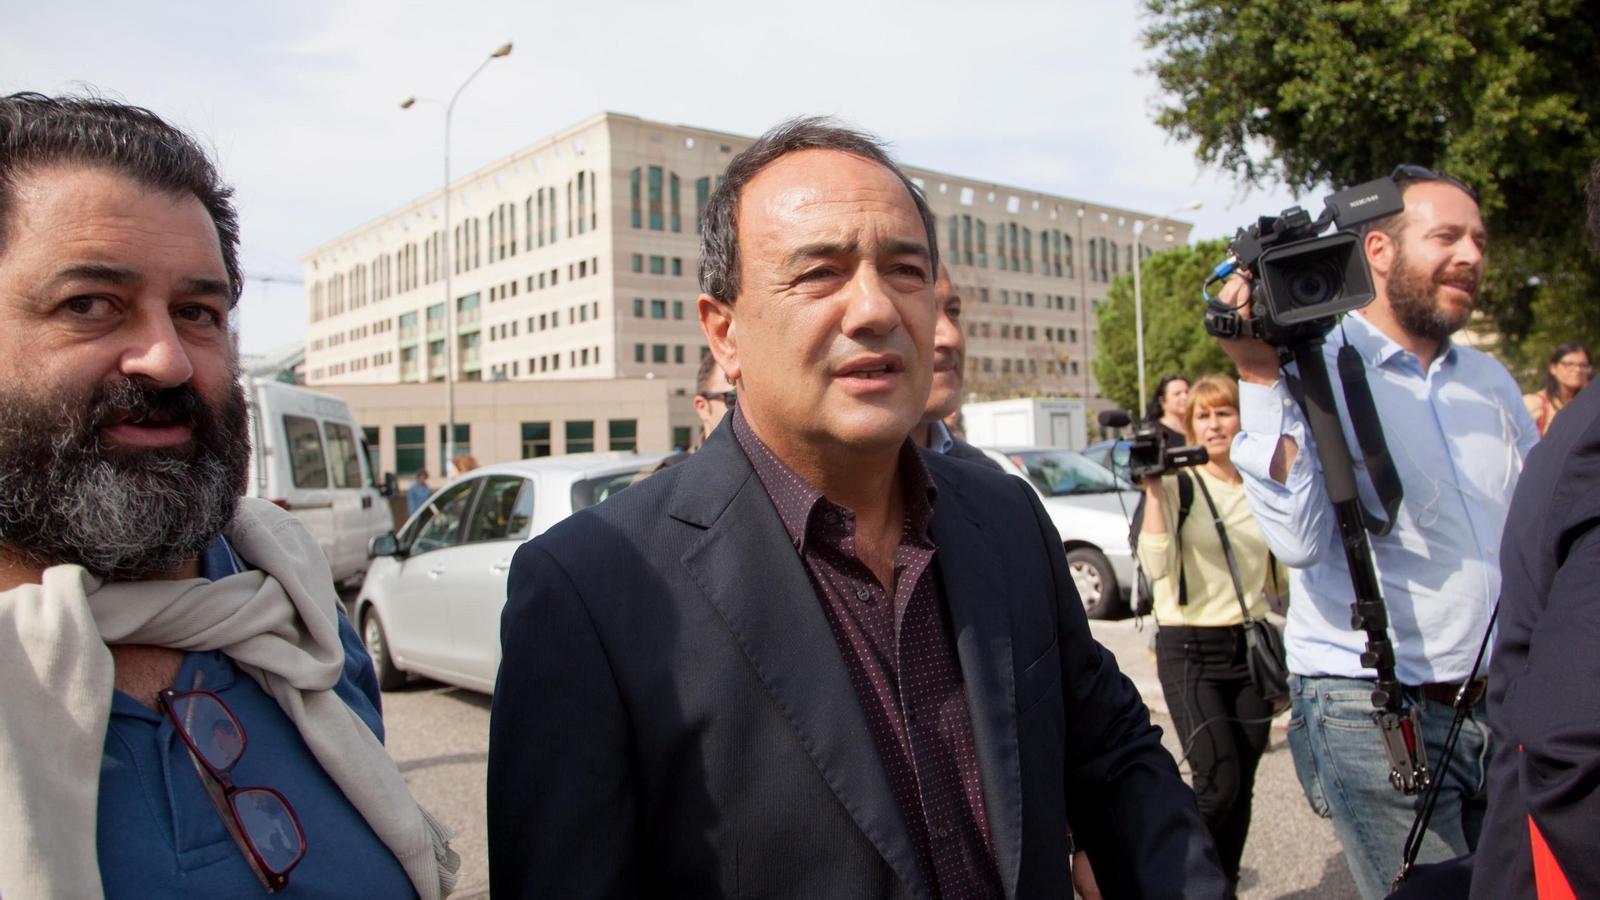 L'alcalde de Riace, Mimmo Lucano,  en sortir del tribunal.